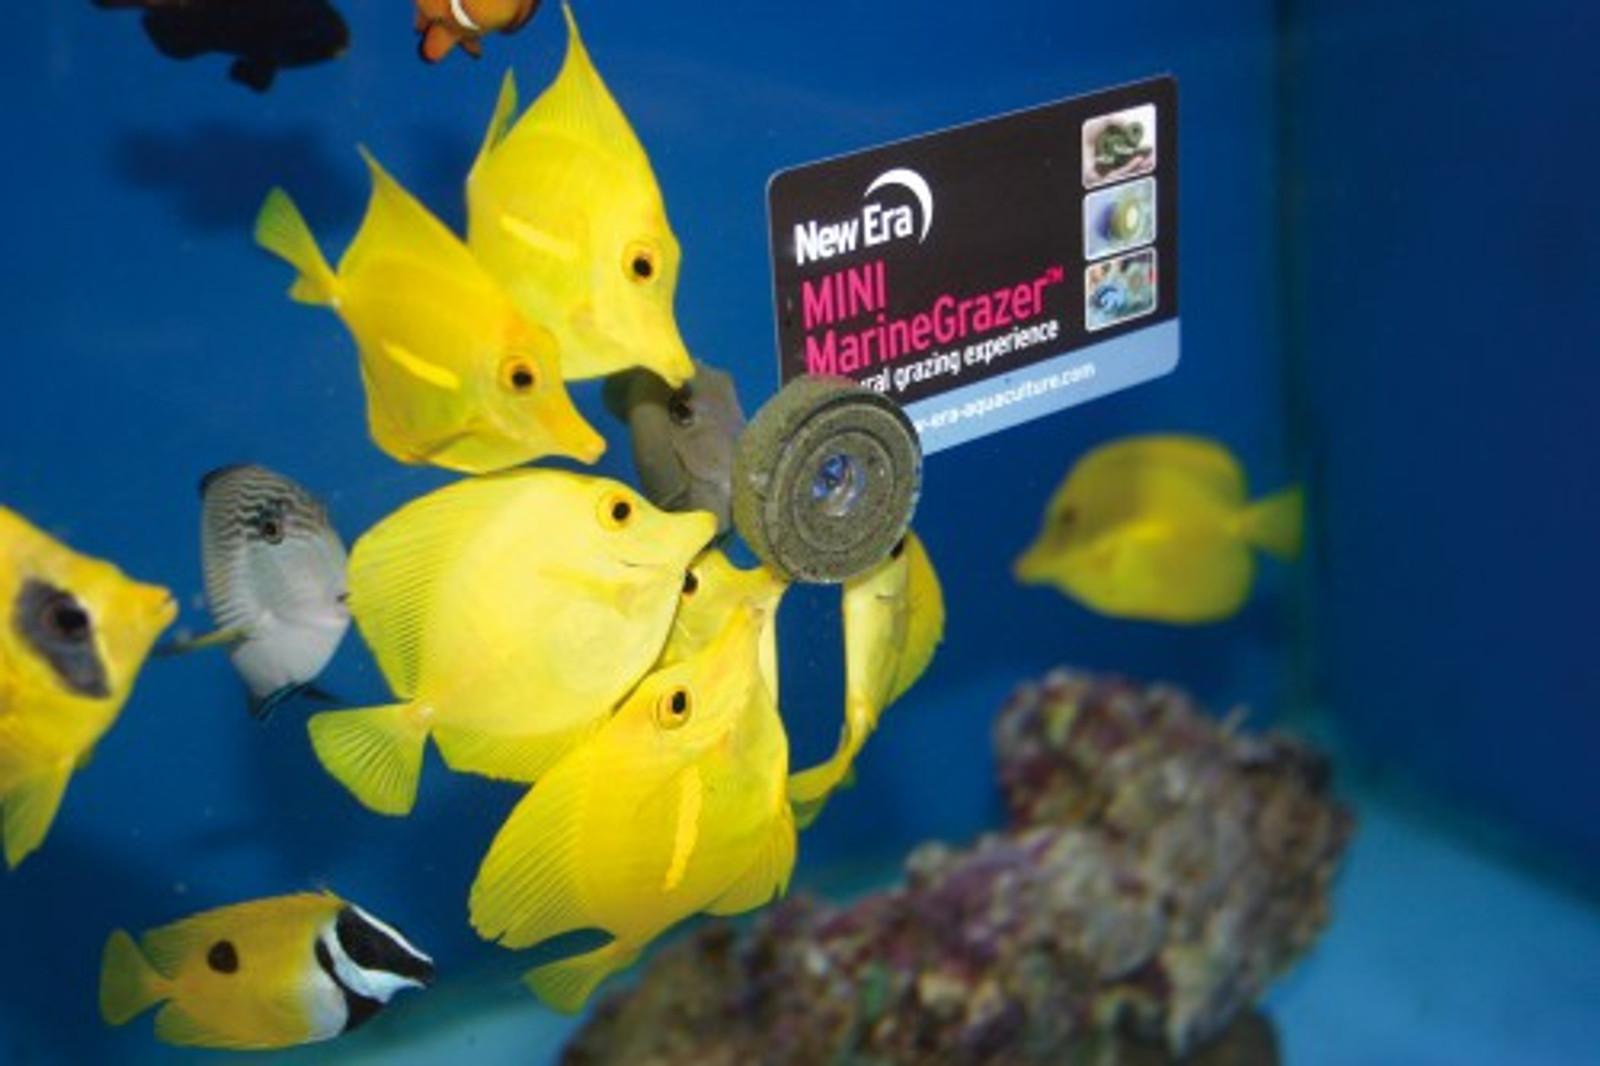 vitalis Marine Grazer 290 g, ca. 82 Stk. inkl. 2 Saugnäpfe für Meerwasserfische – Bild 4